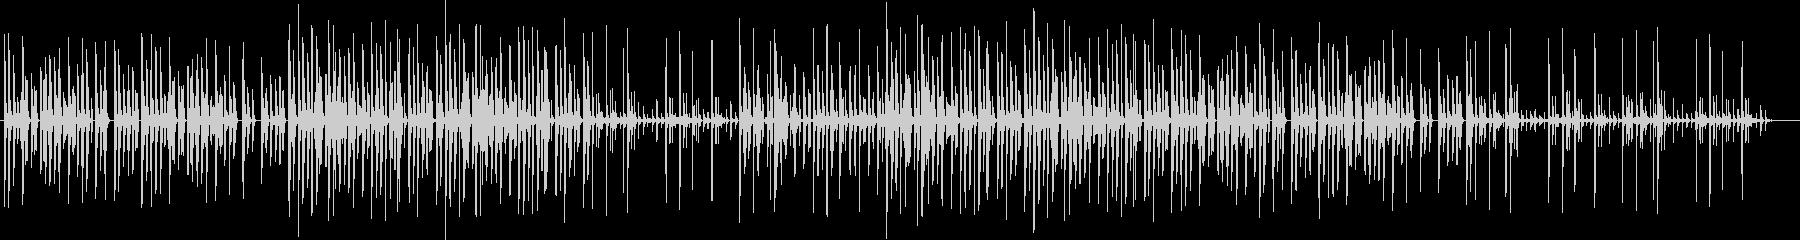 エレクトロなHiphopの未再生の波形